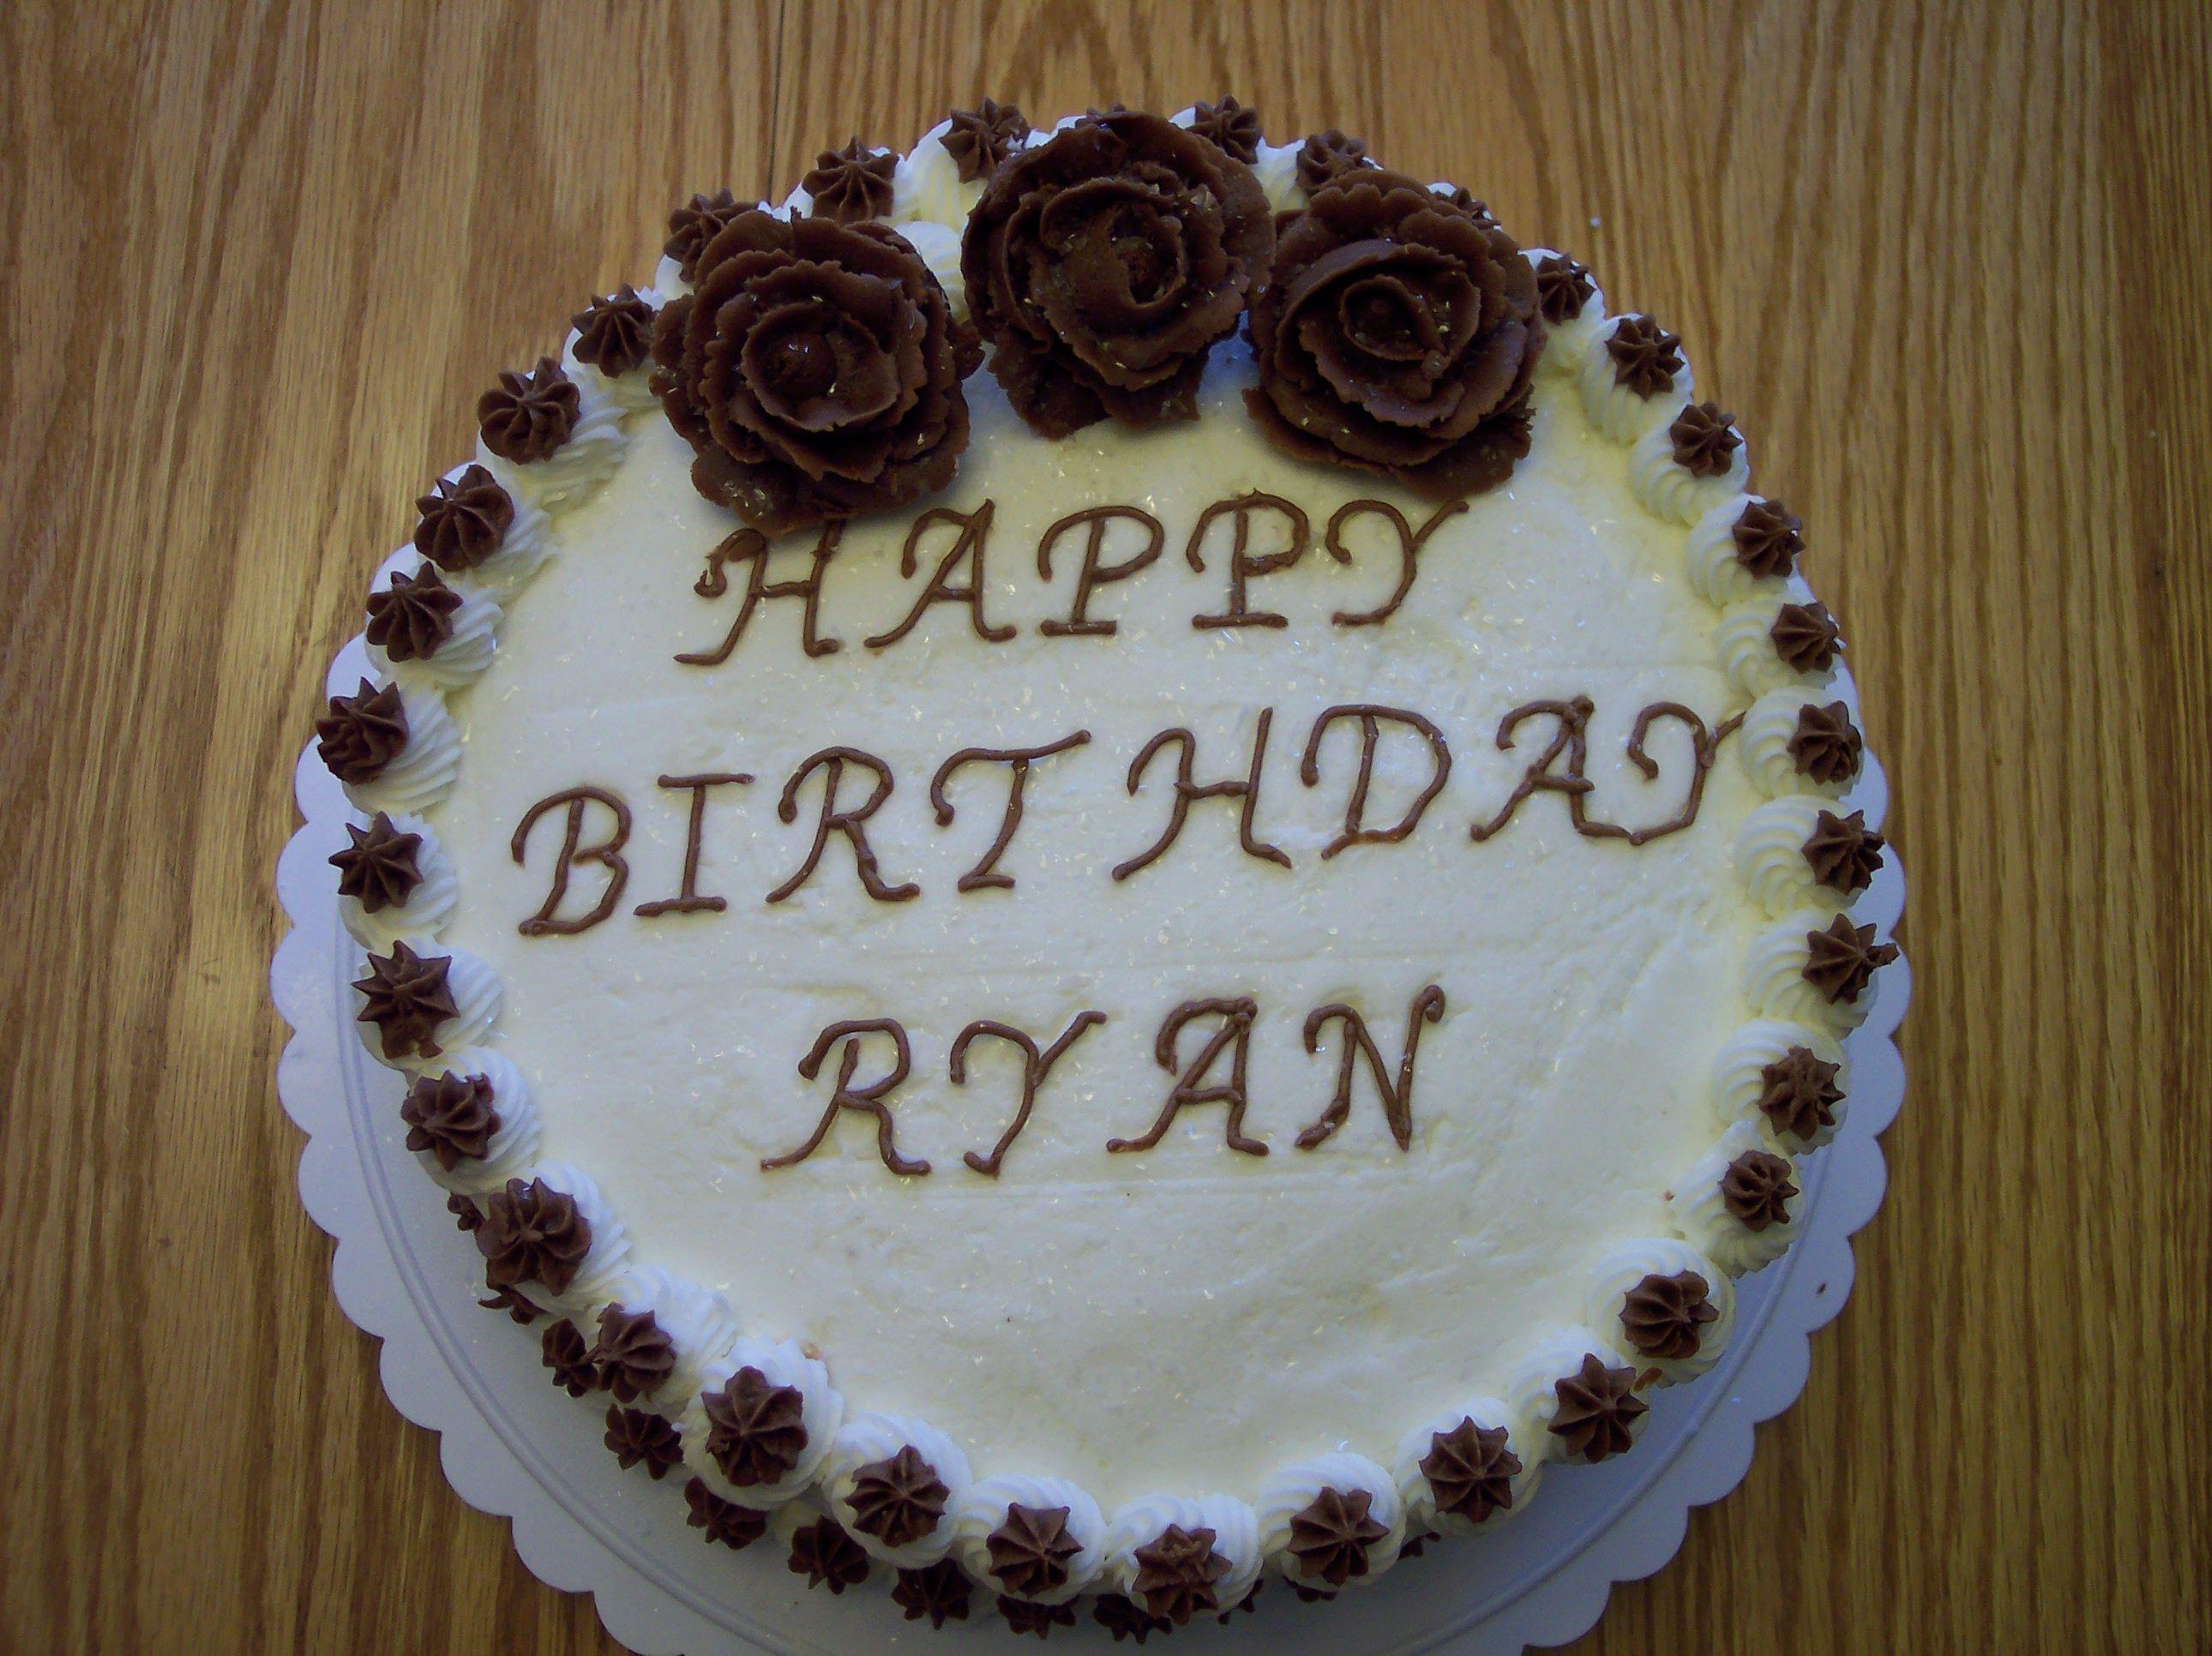 Ryan S Birthday Cake Birthday Cake For Mom Cake Designs Birthday Happy Birthday Ryan Cake